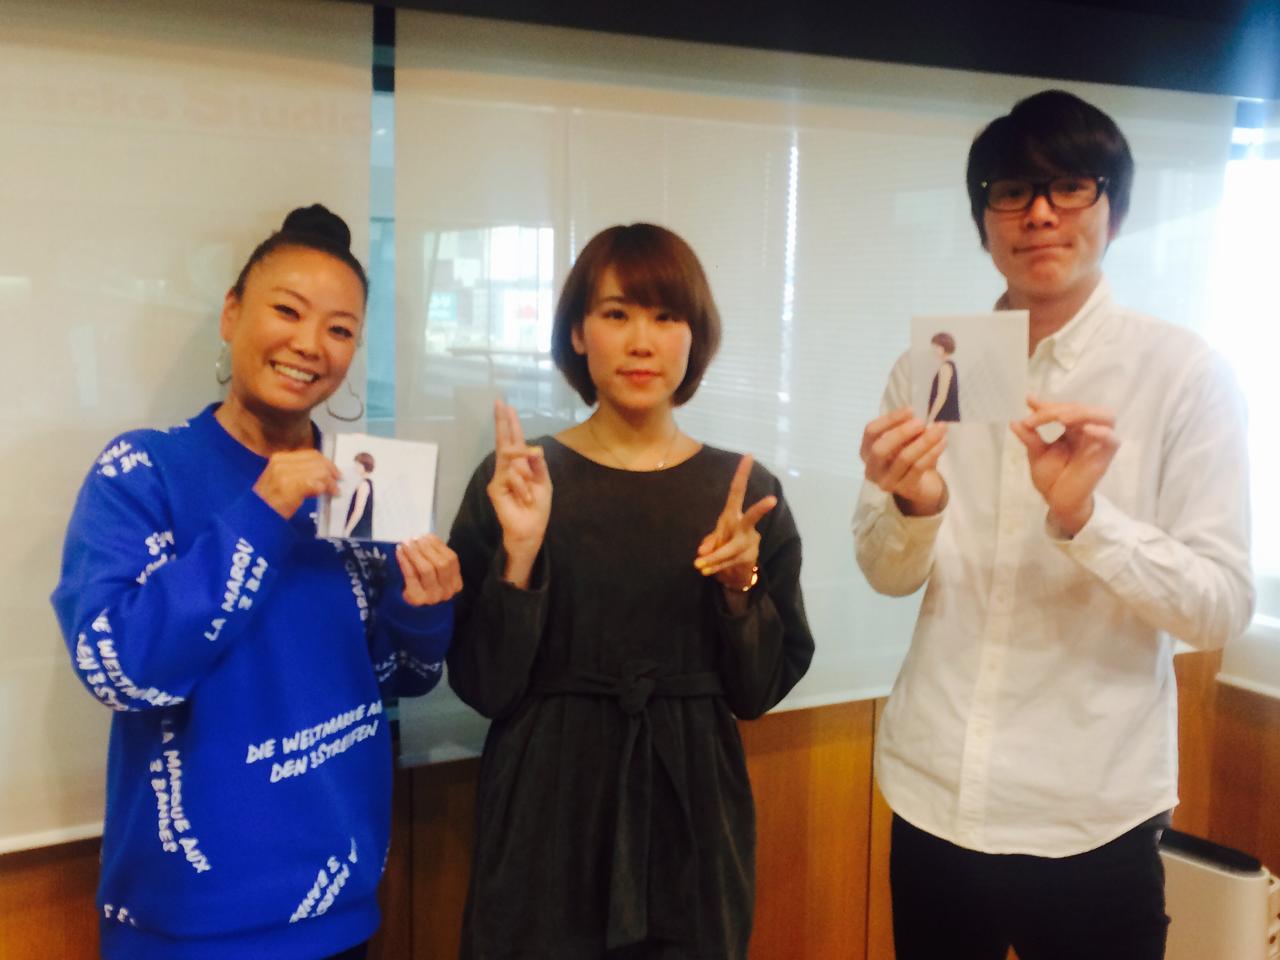 画像: 丸本莉子1stフルアルバム発売記念イベント「ミニライブ&サイン会」